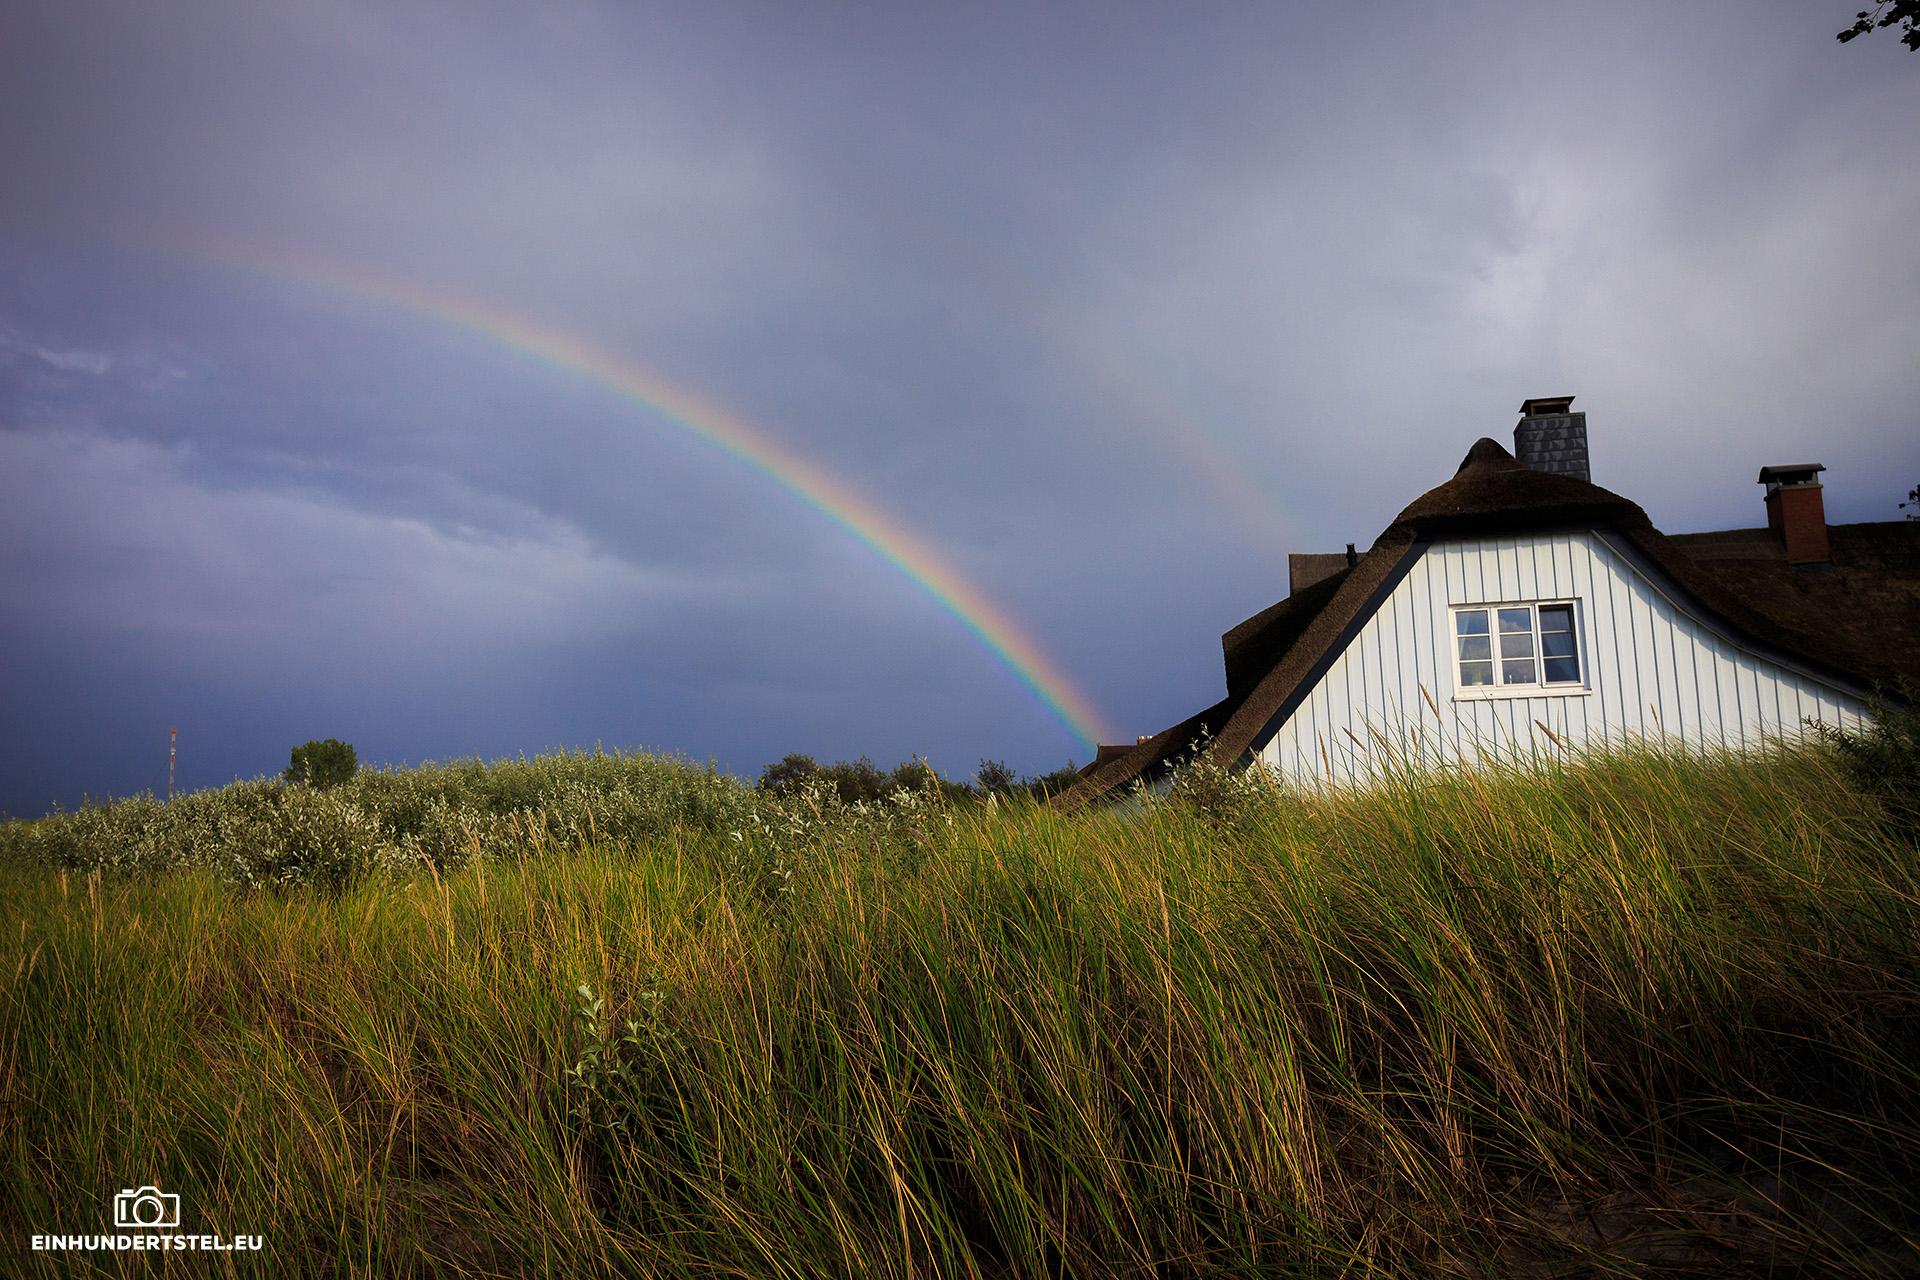 Regenbogen vor Haus mit Reetdach